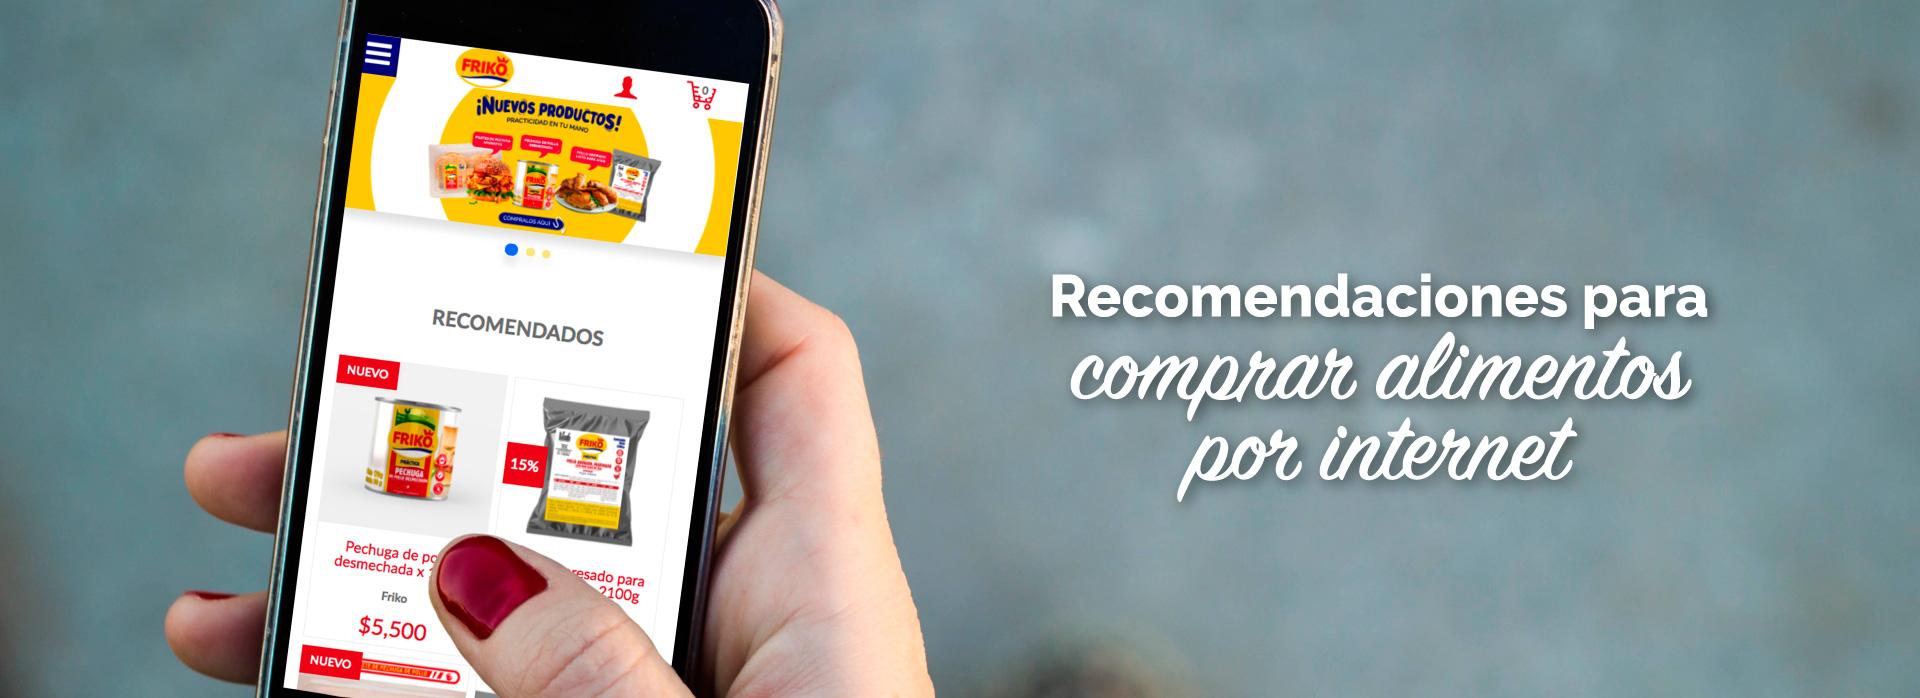 Recomendaciones para compra de alimentos por internet